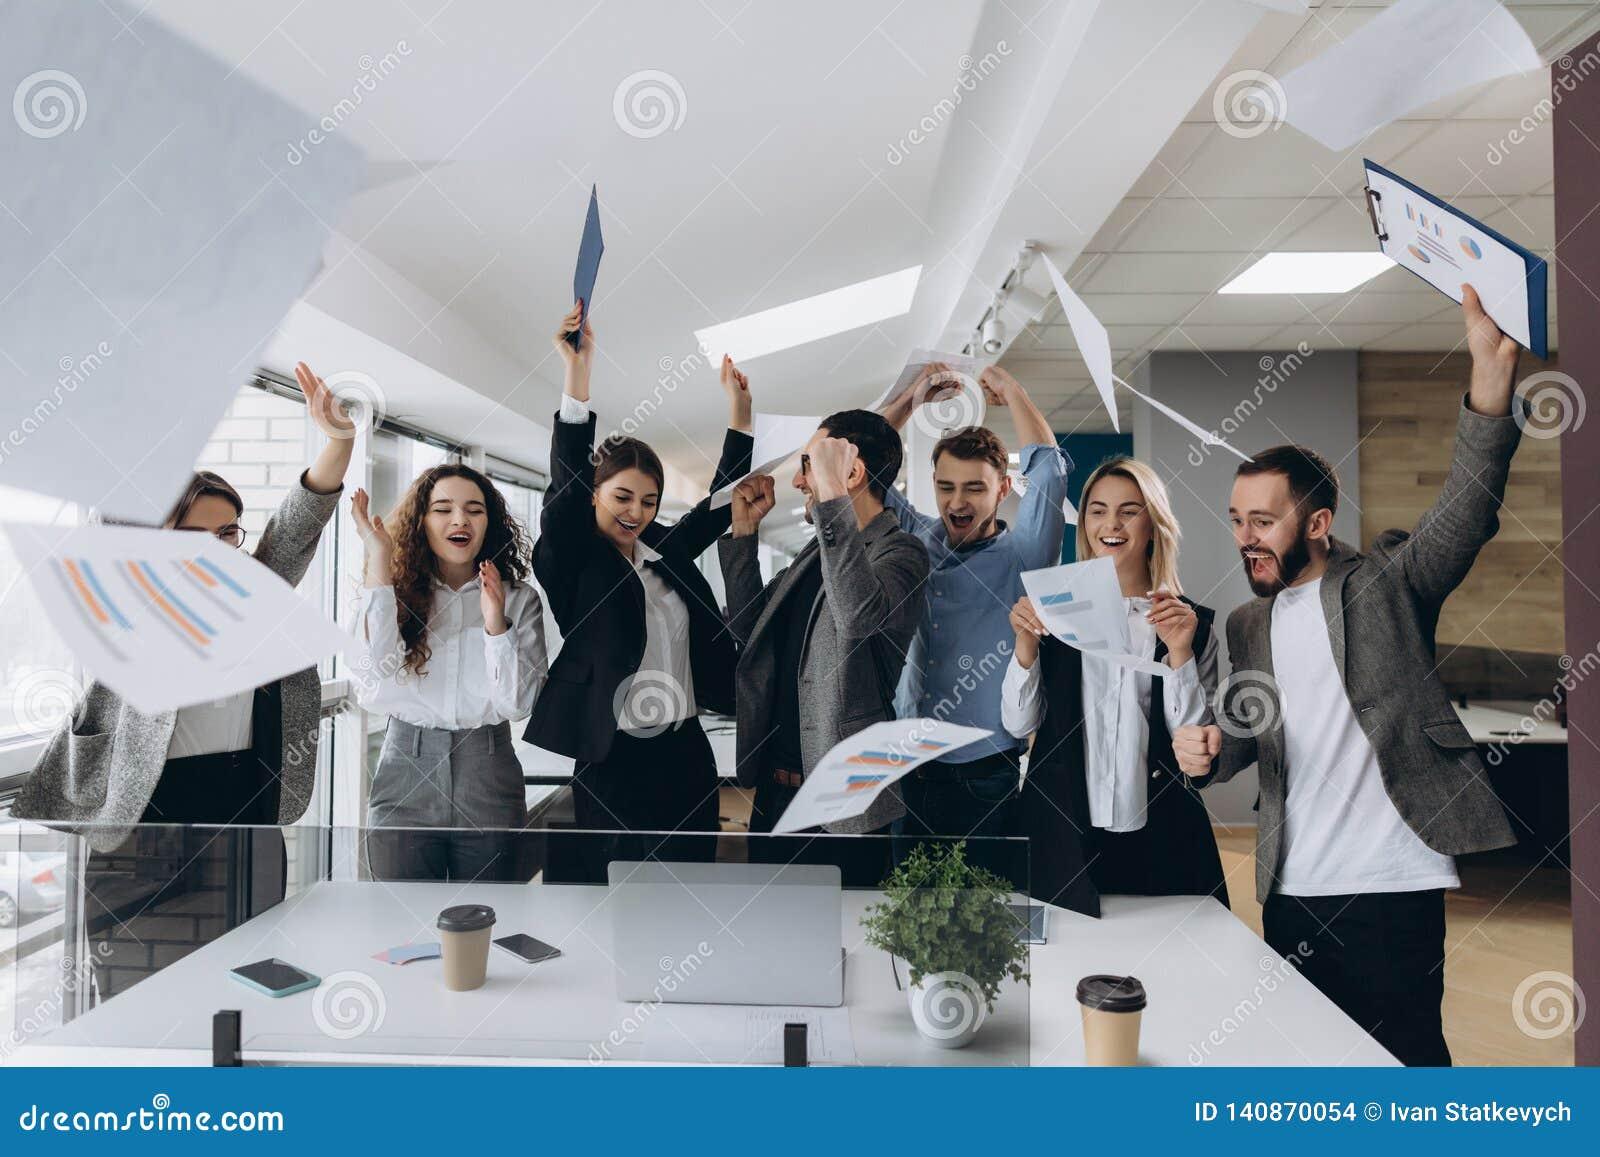 Beeld van gelukkige het commerciële team vieren overwinning in bureau Het succesvolle commerciële team werpt stukken van document